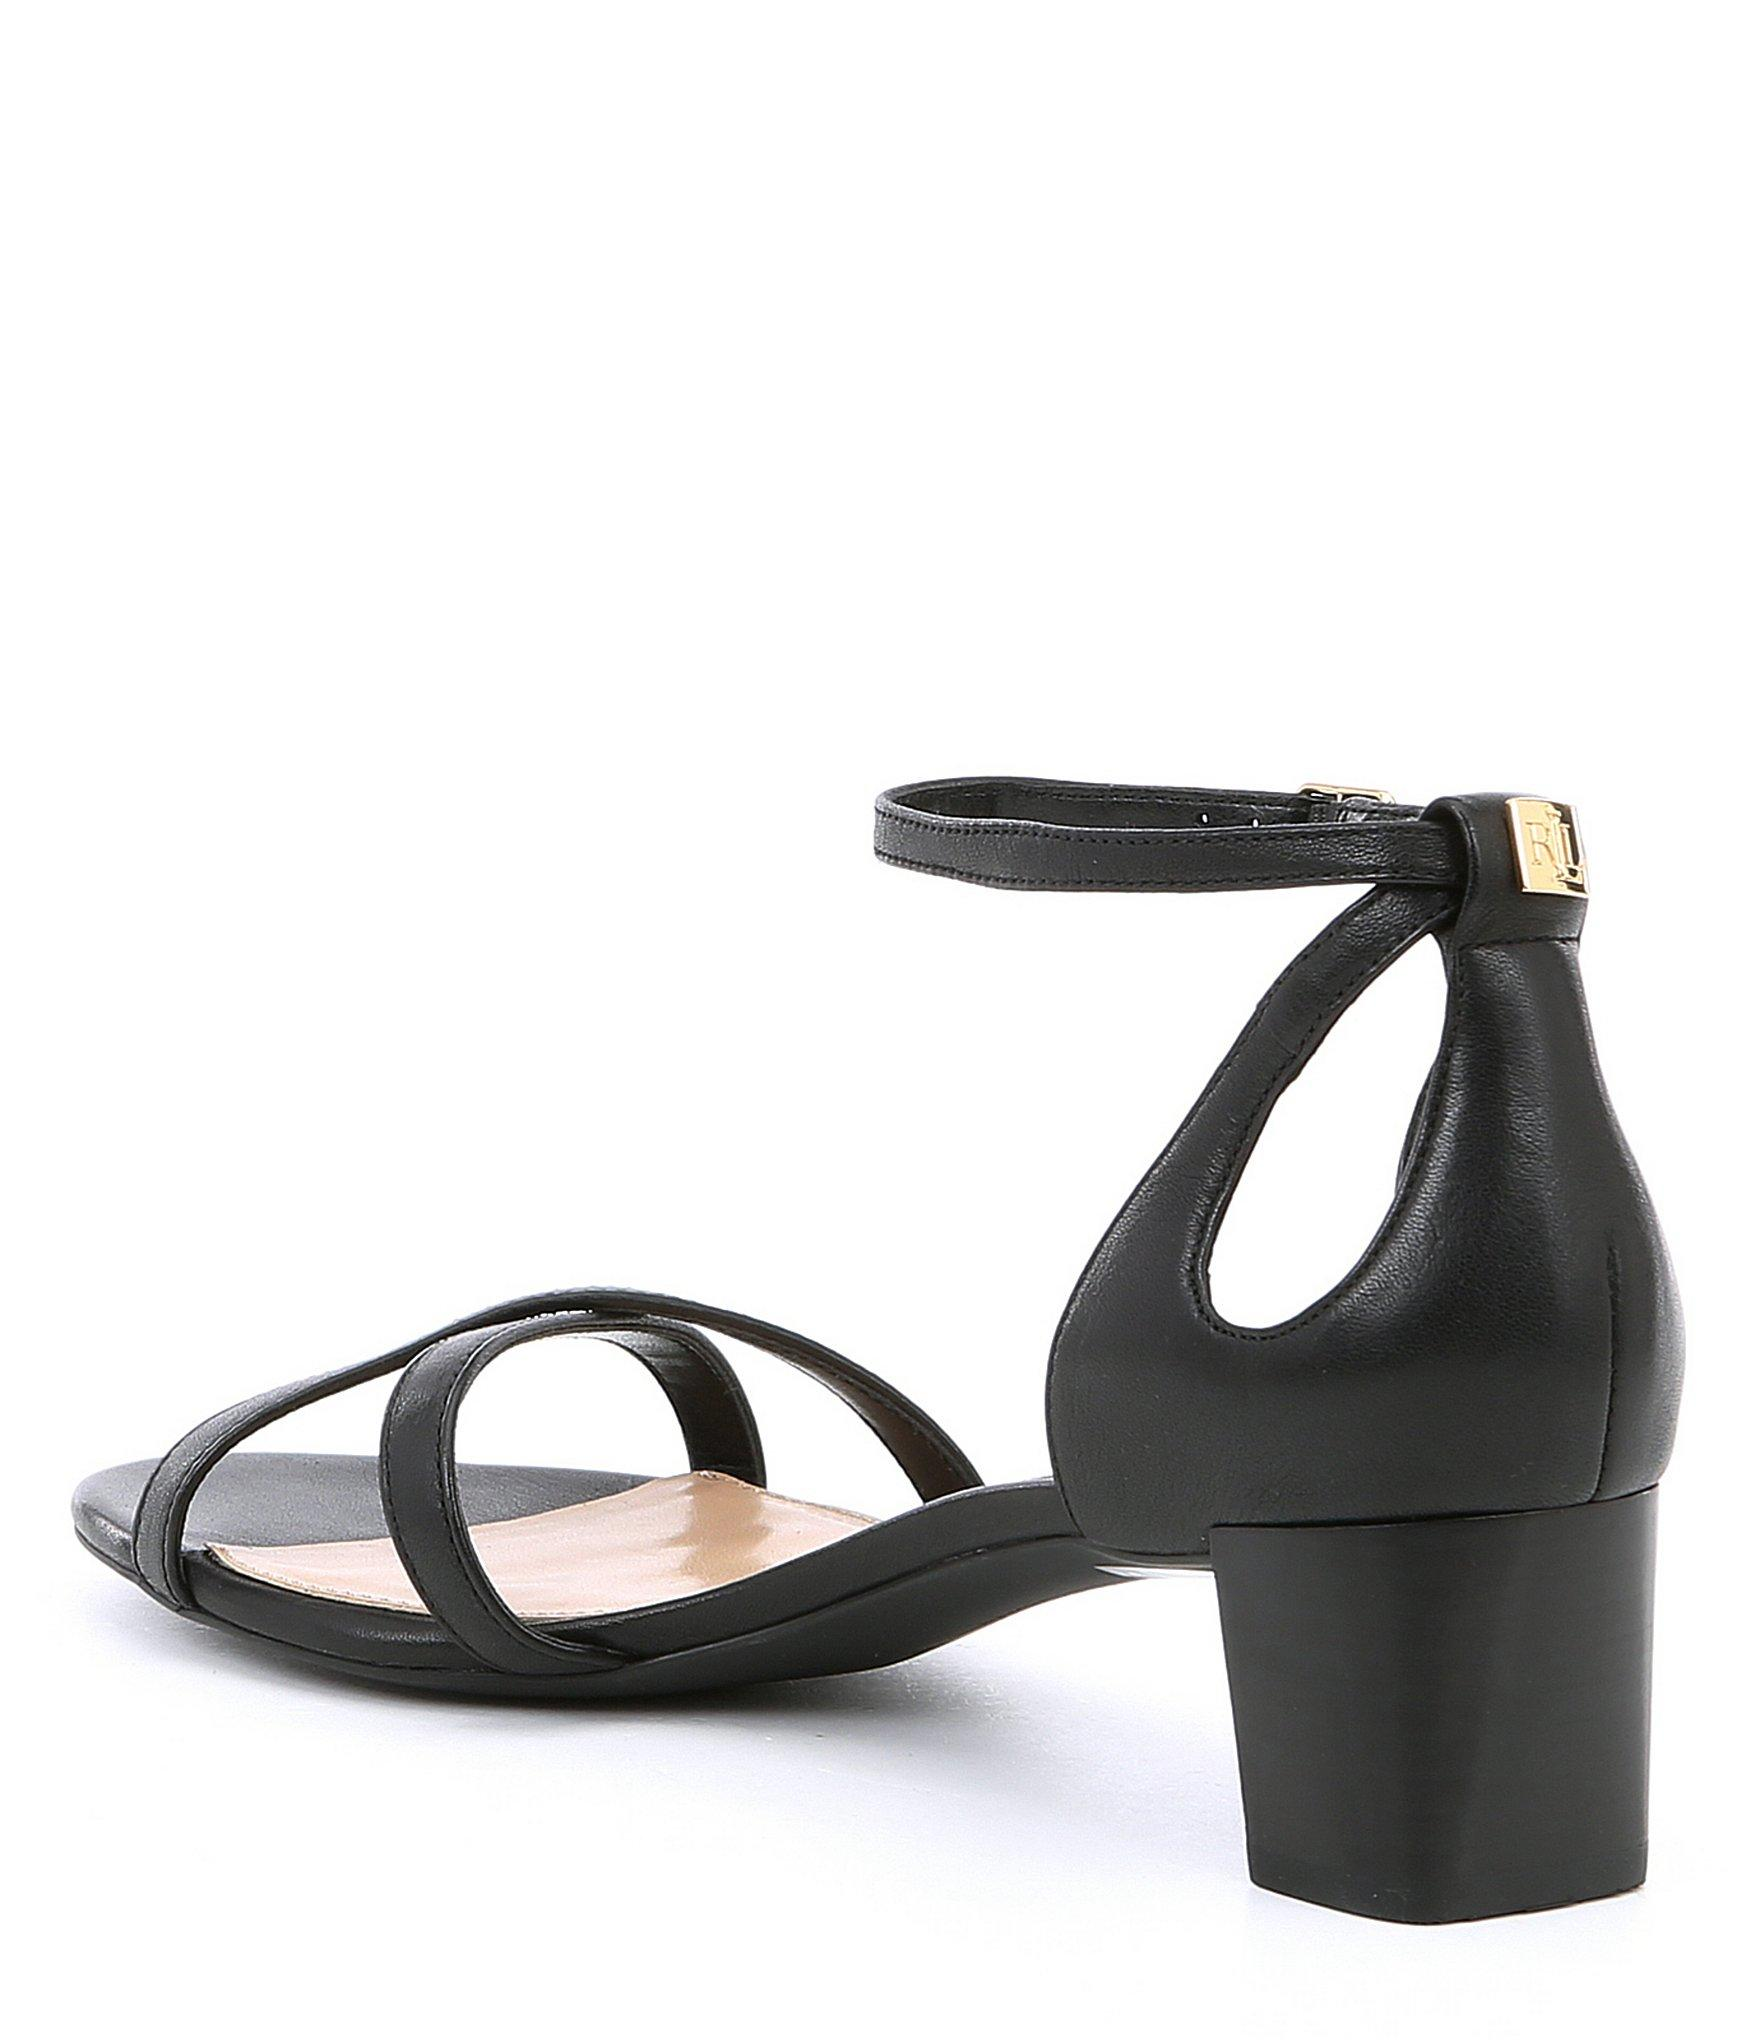 eaf1960379a Lauren by Ralph Lauren - Black Folly Leather Block Heel Dress Sandals -  Lyst. View fullscreen